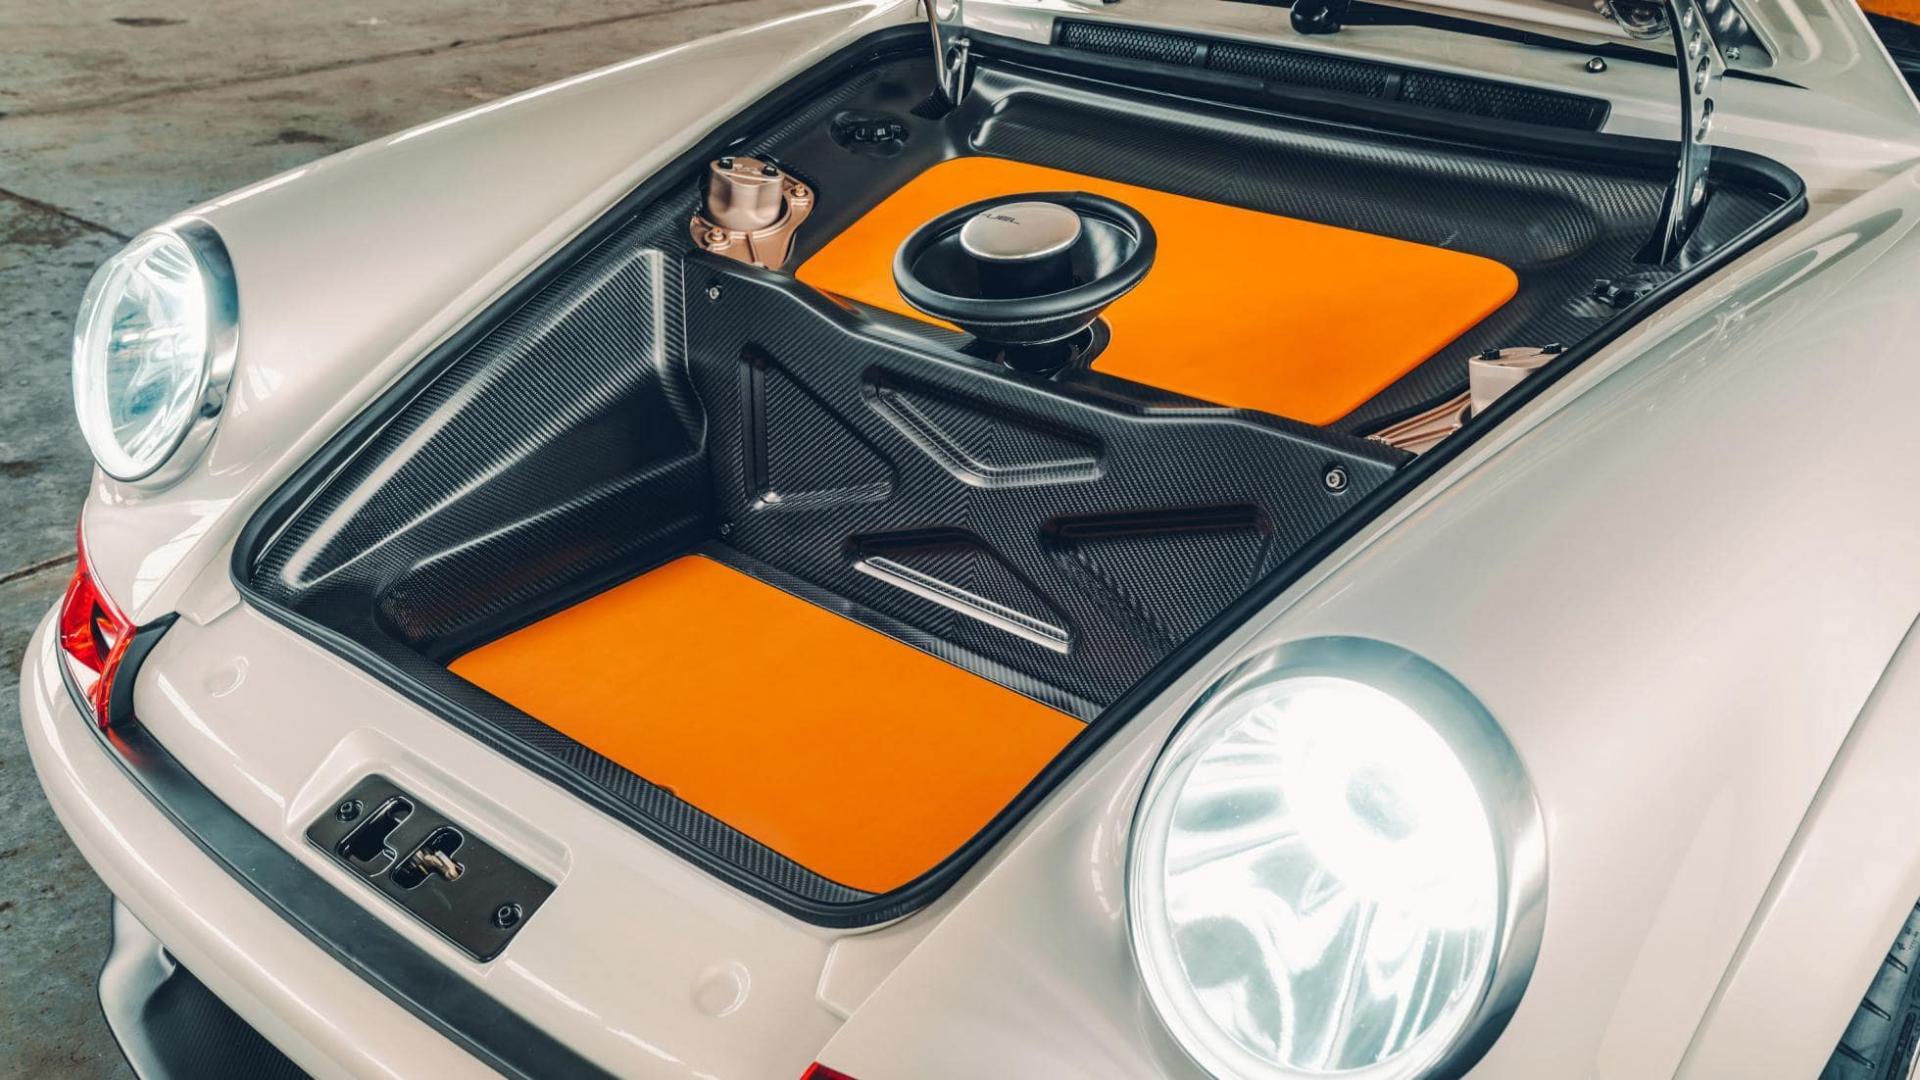 Singer DLS Porsche 911 koolstofvezel